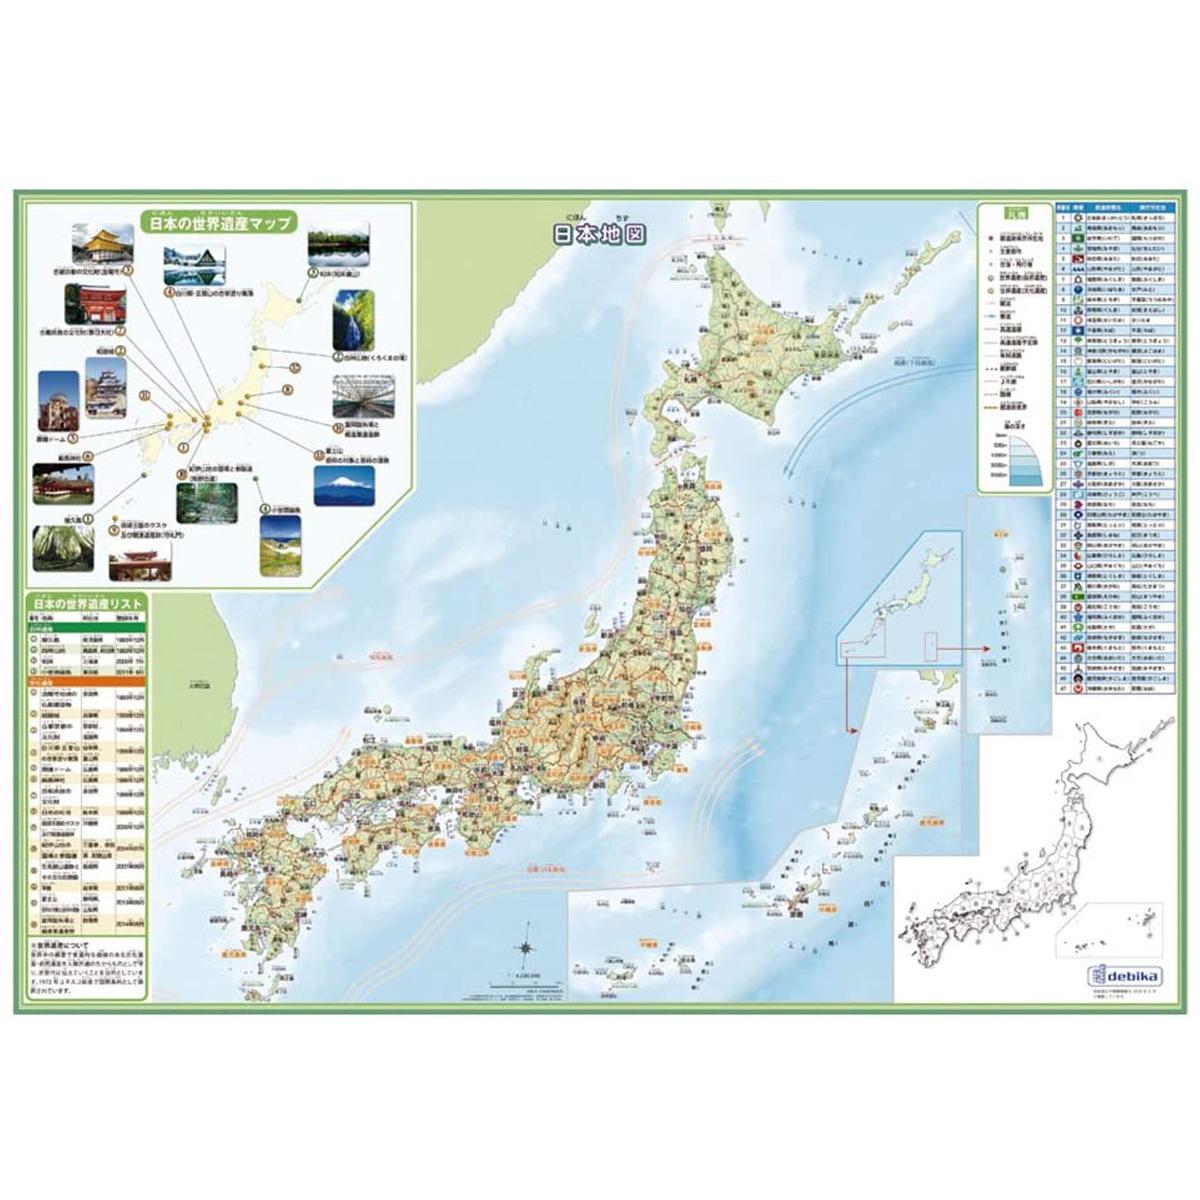 お風呂の壁に貼る 書く 消す プラシート素材 地図 学童 学校 贈呈 教材 勉強 日本地図 消せる 高校 社会 小学生 受験 いろいろ書ける 中学 壁 新品